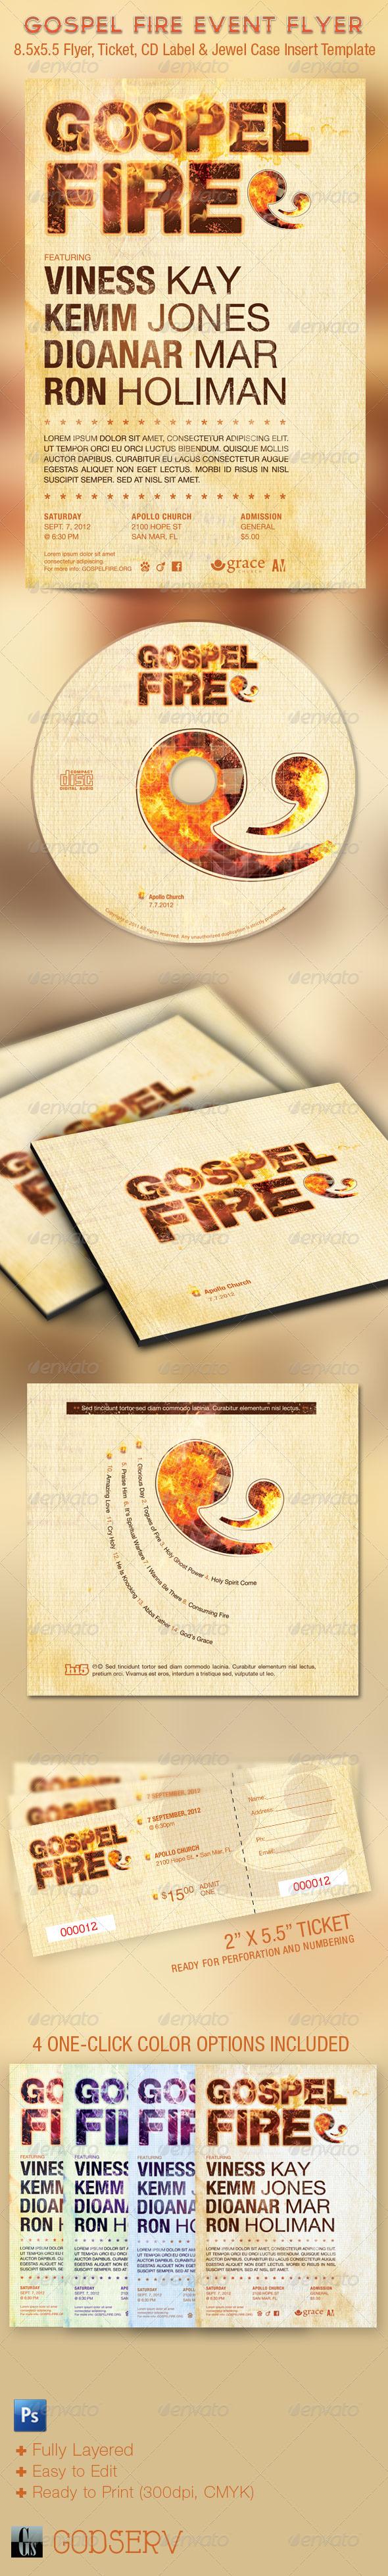 Gospel Fire Church Flyer Ticket CD Template - Church Flyers